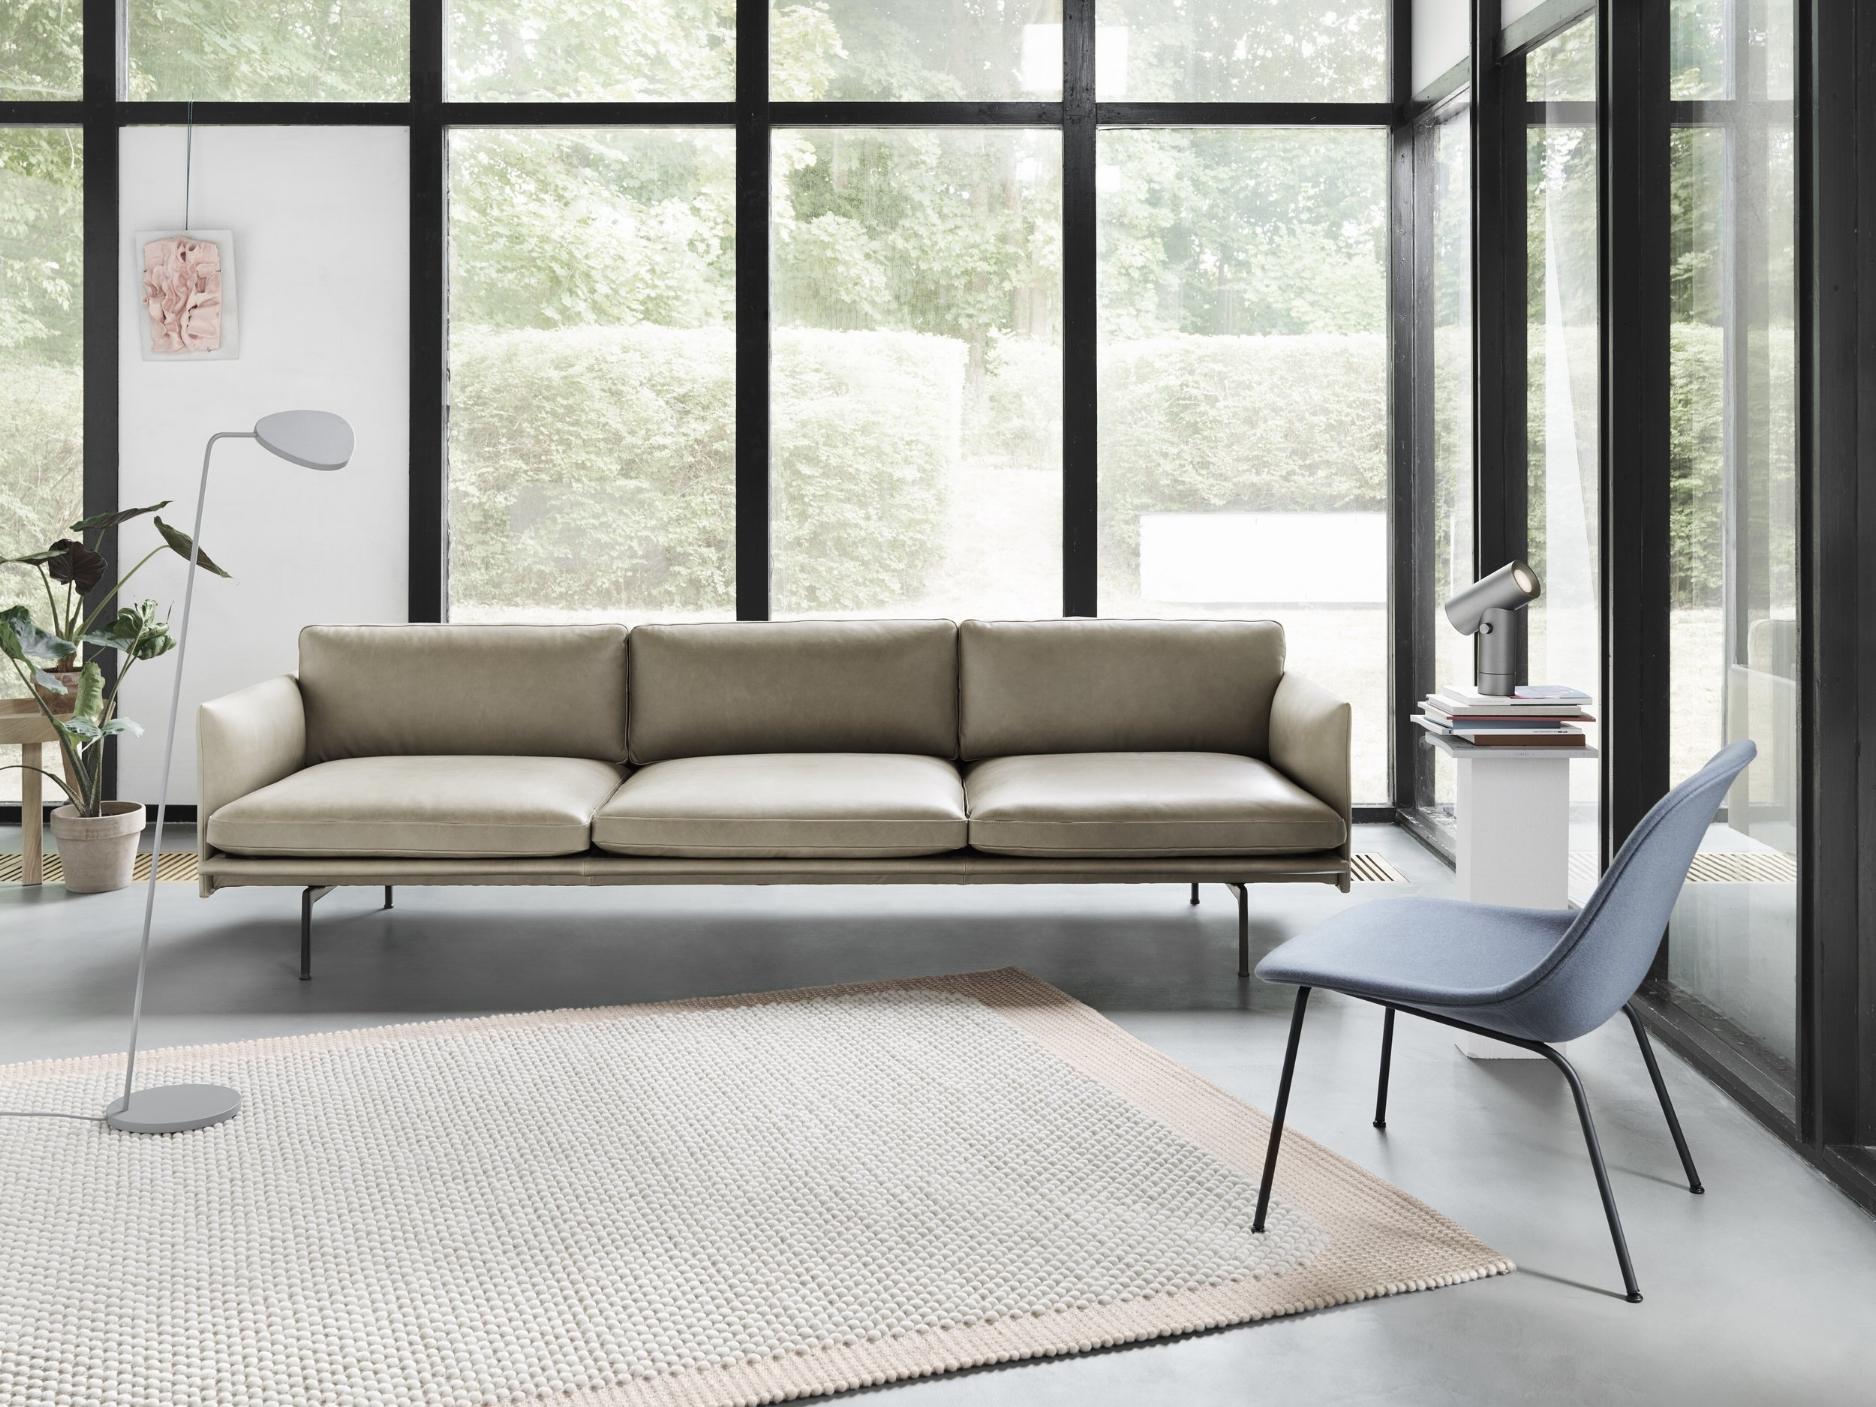 Outline-35-stone-silk-fiber-lounge-divina-154-pebble-leaf-beam-muuto-org.jpg